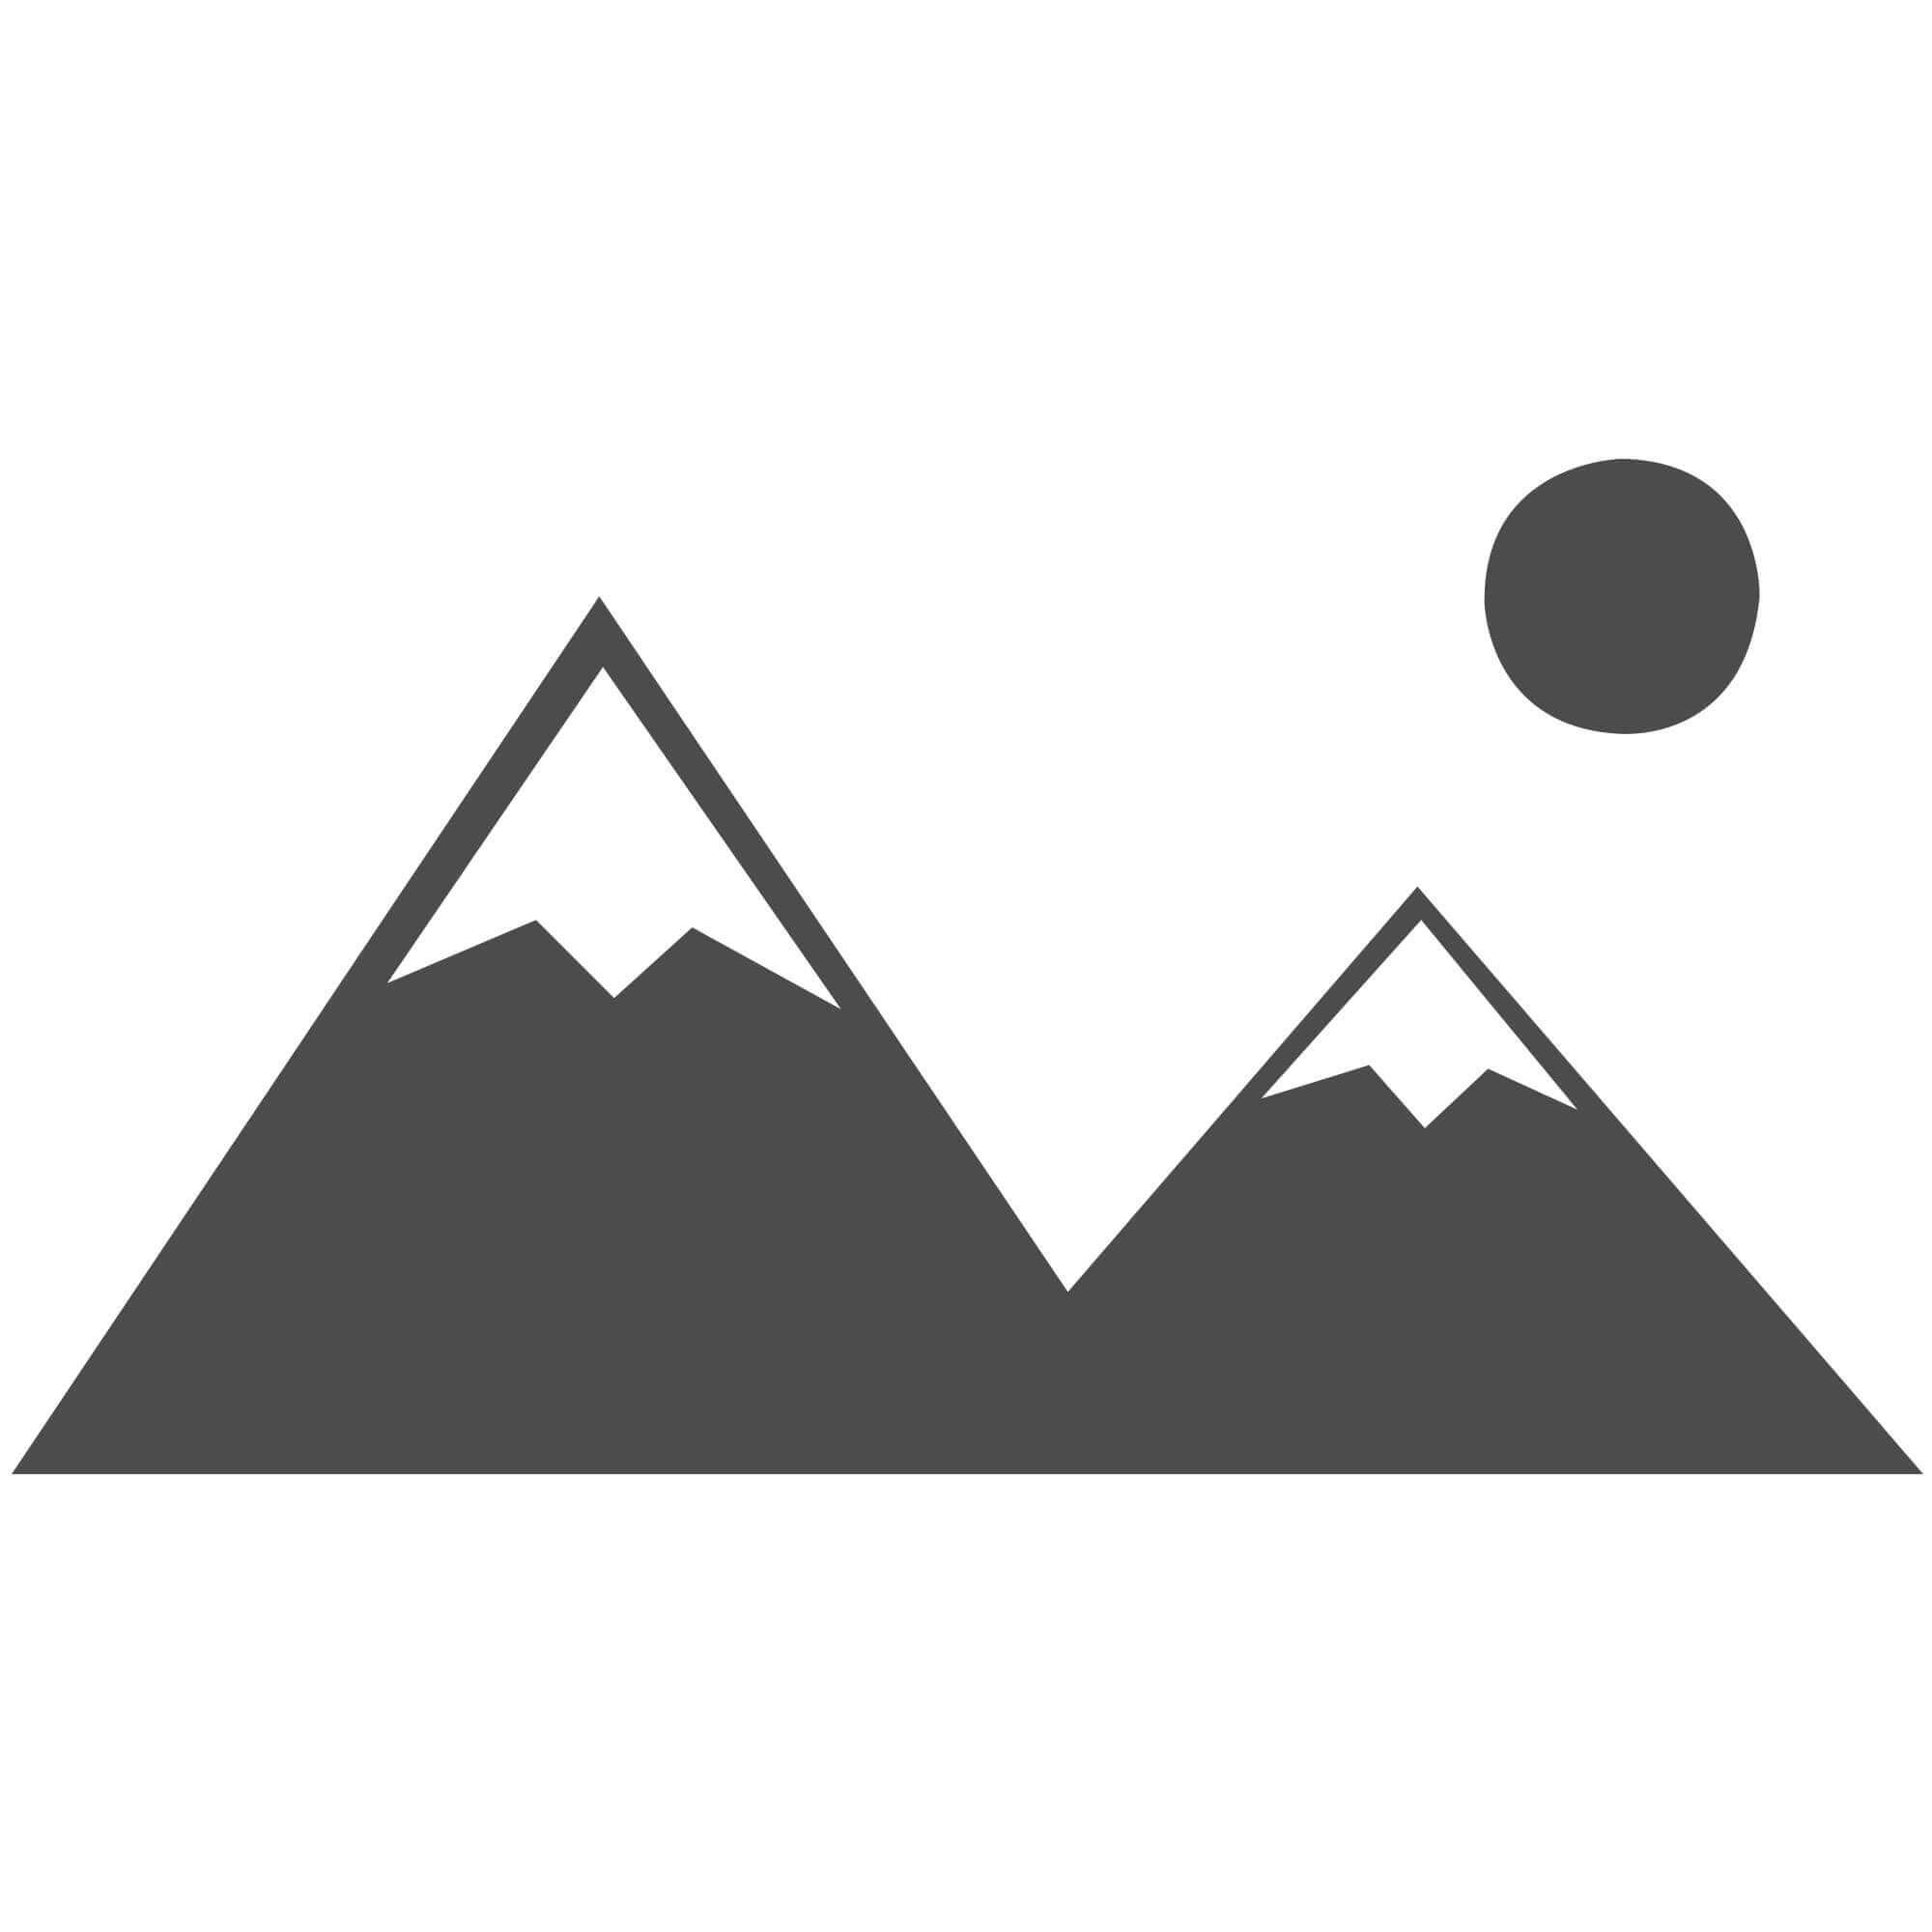 Griot Stripe Rug - Kora - KI805 Turquoise-122 x 183 cm (4' x 6')